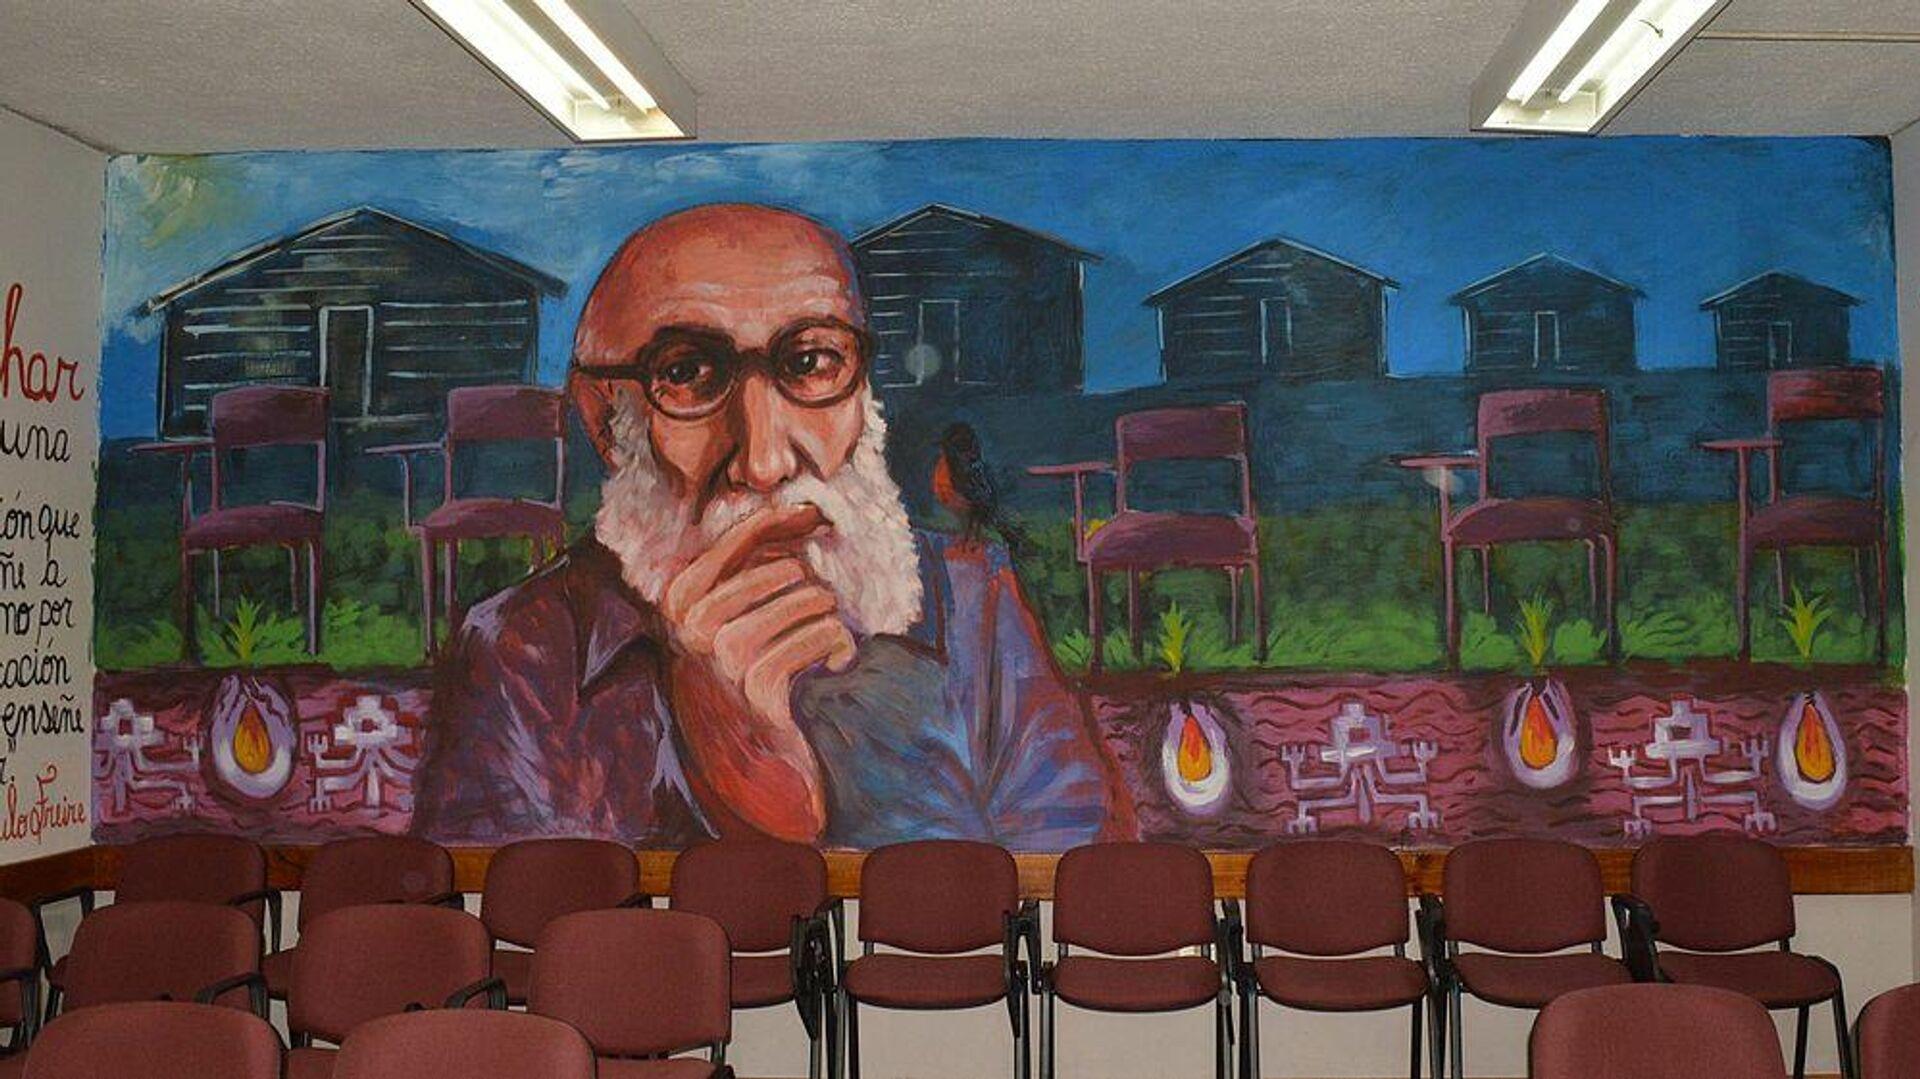 Paulo Freire en un mural en la Facultad de Educación y Humanidades de la Universidad del Bío-Bío, Chile - Sputnik Mundo, 1920, 17.09.2021